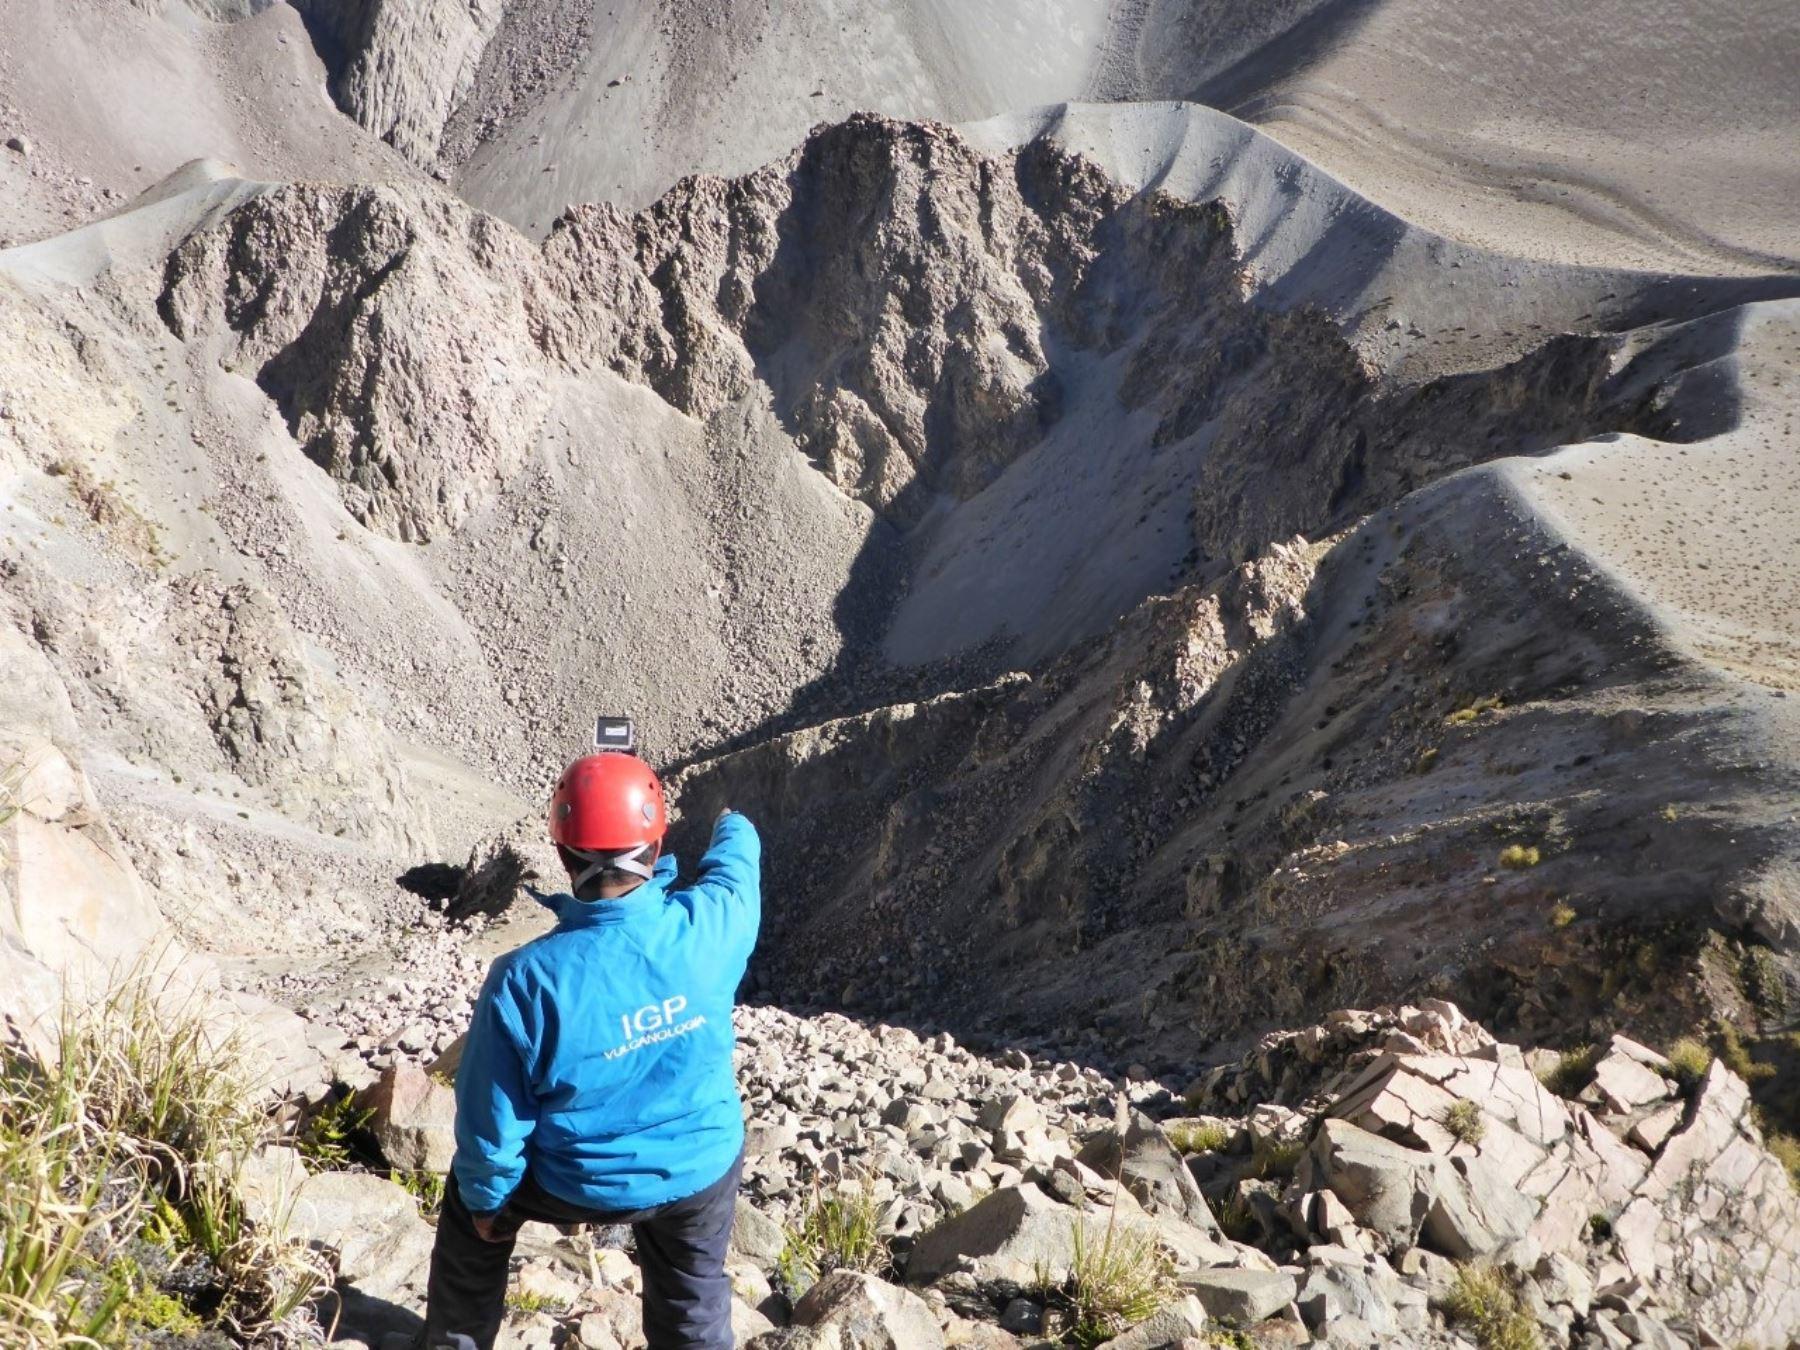 huaynaputina-el-volcan-peruano-que-registro-la-erupcion-mas-grande-de-america-del-sur